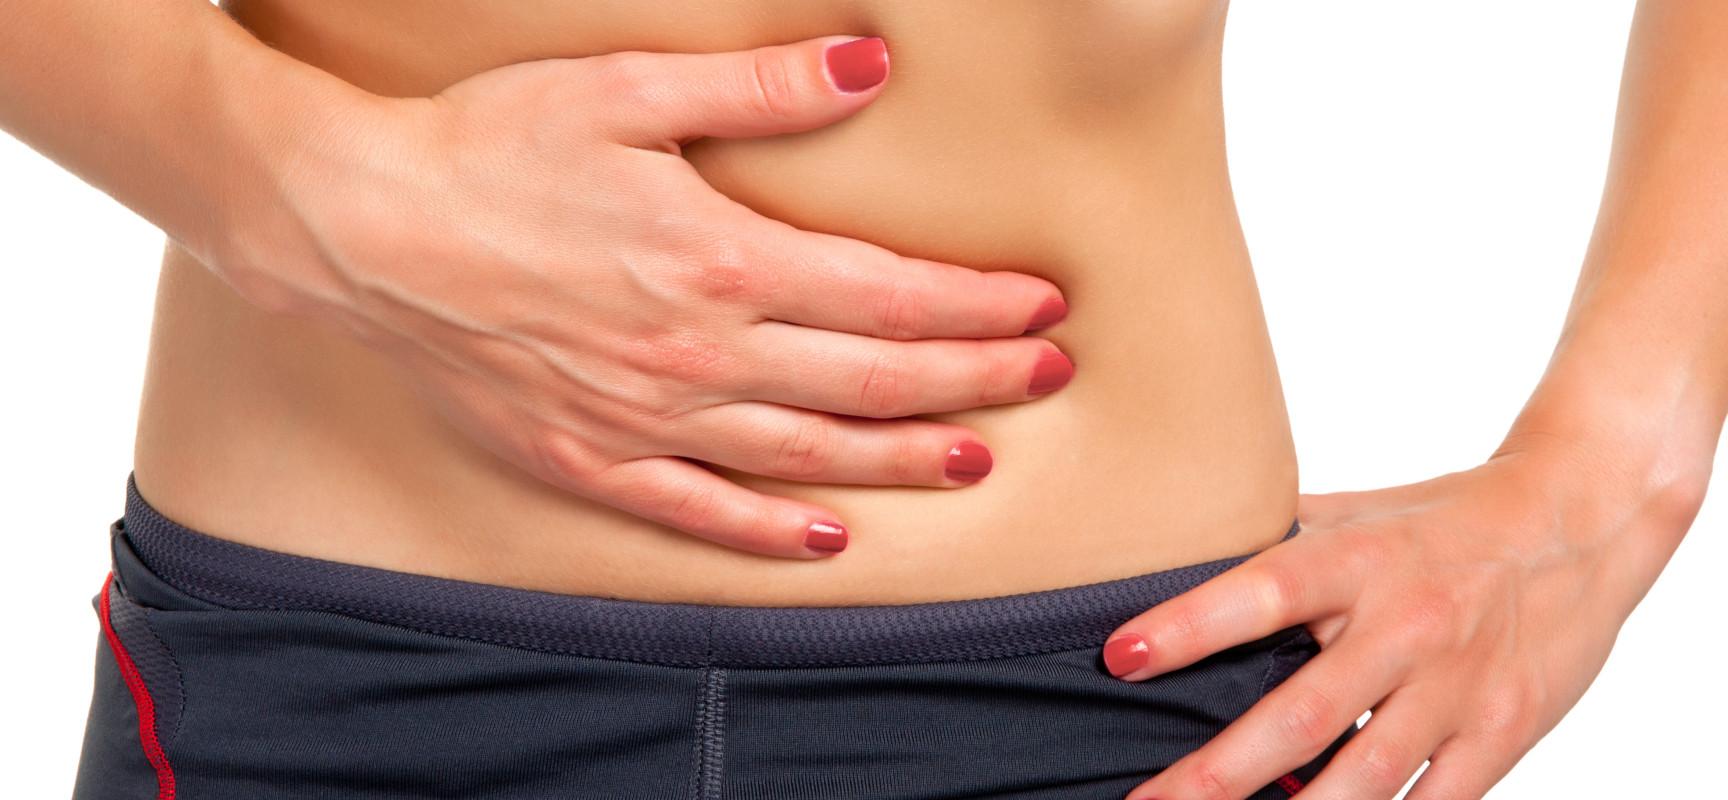 Язвенная болезнь двенадцатиперстной кишки: клинические проявления и диагностика